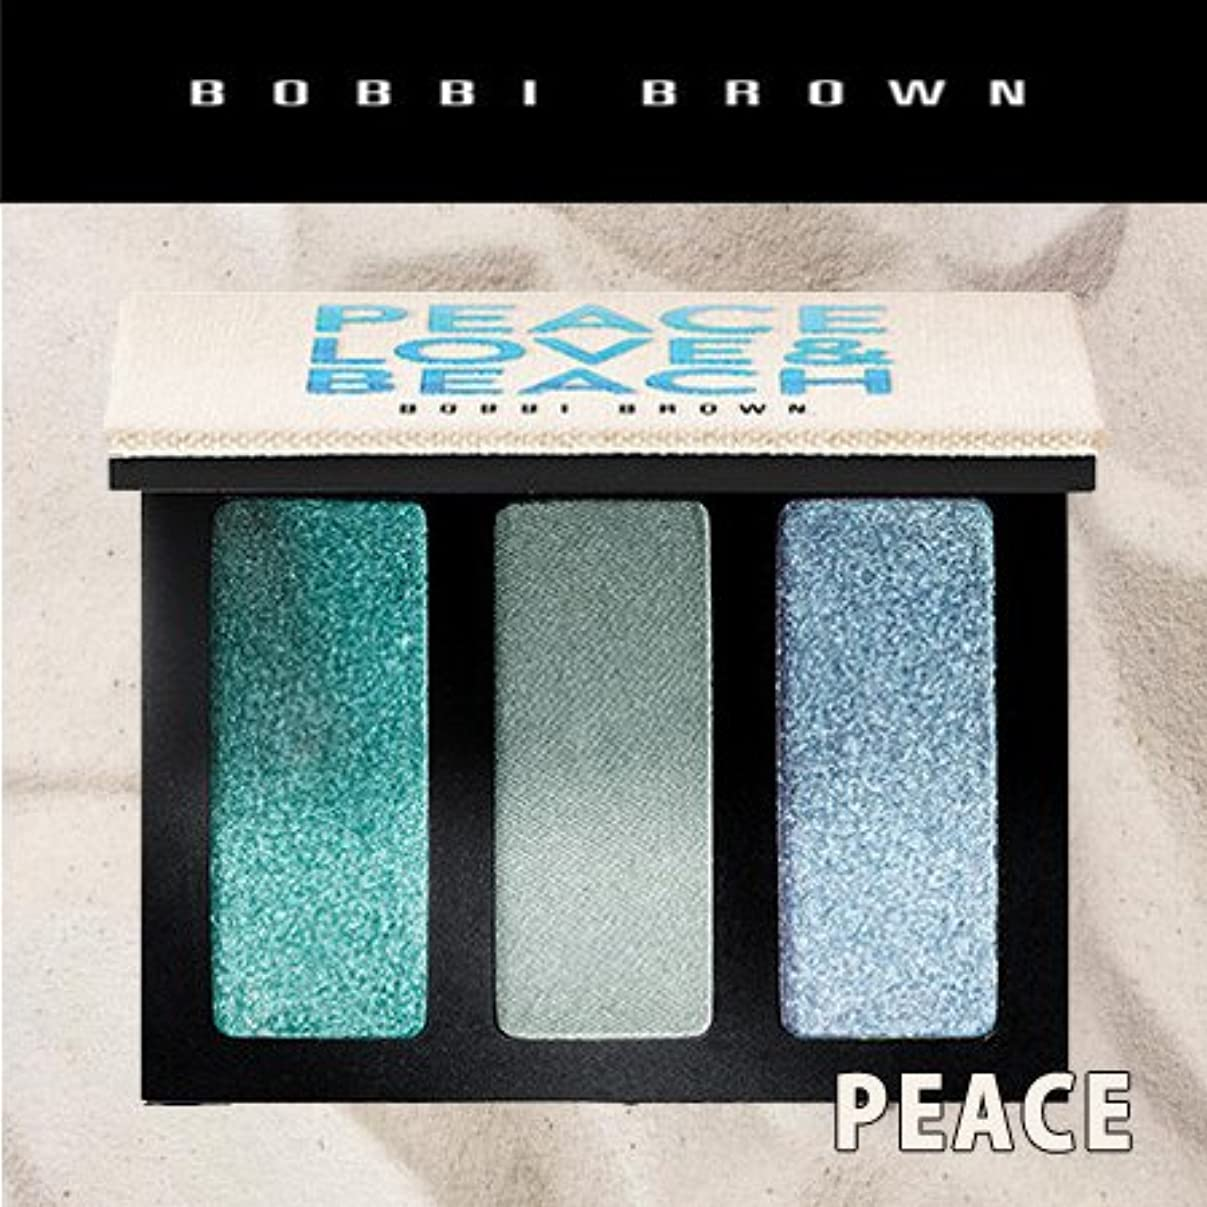 弁護タクトトンネルボビイブラウン アイシャドウ トリオ ピース,ラブ&ビーチ #ピース PEACE (限定品) -BOBBI BROWN- 【並行輸入品】